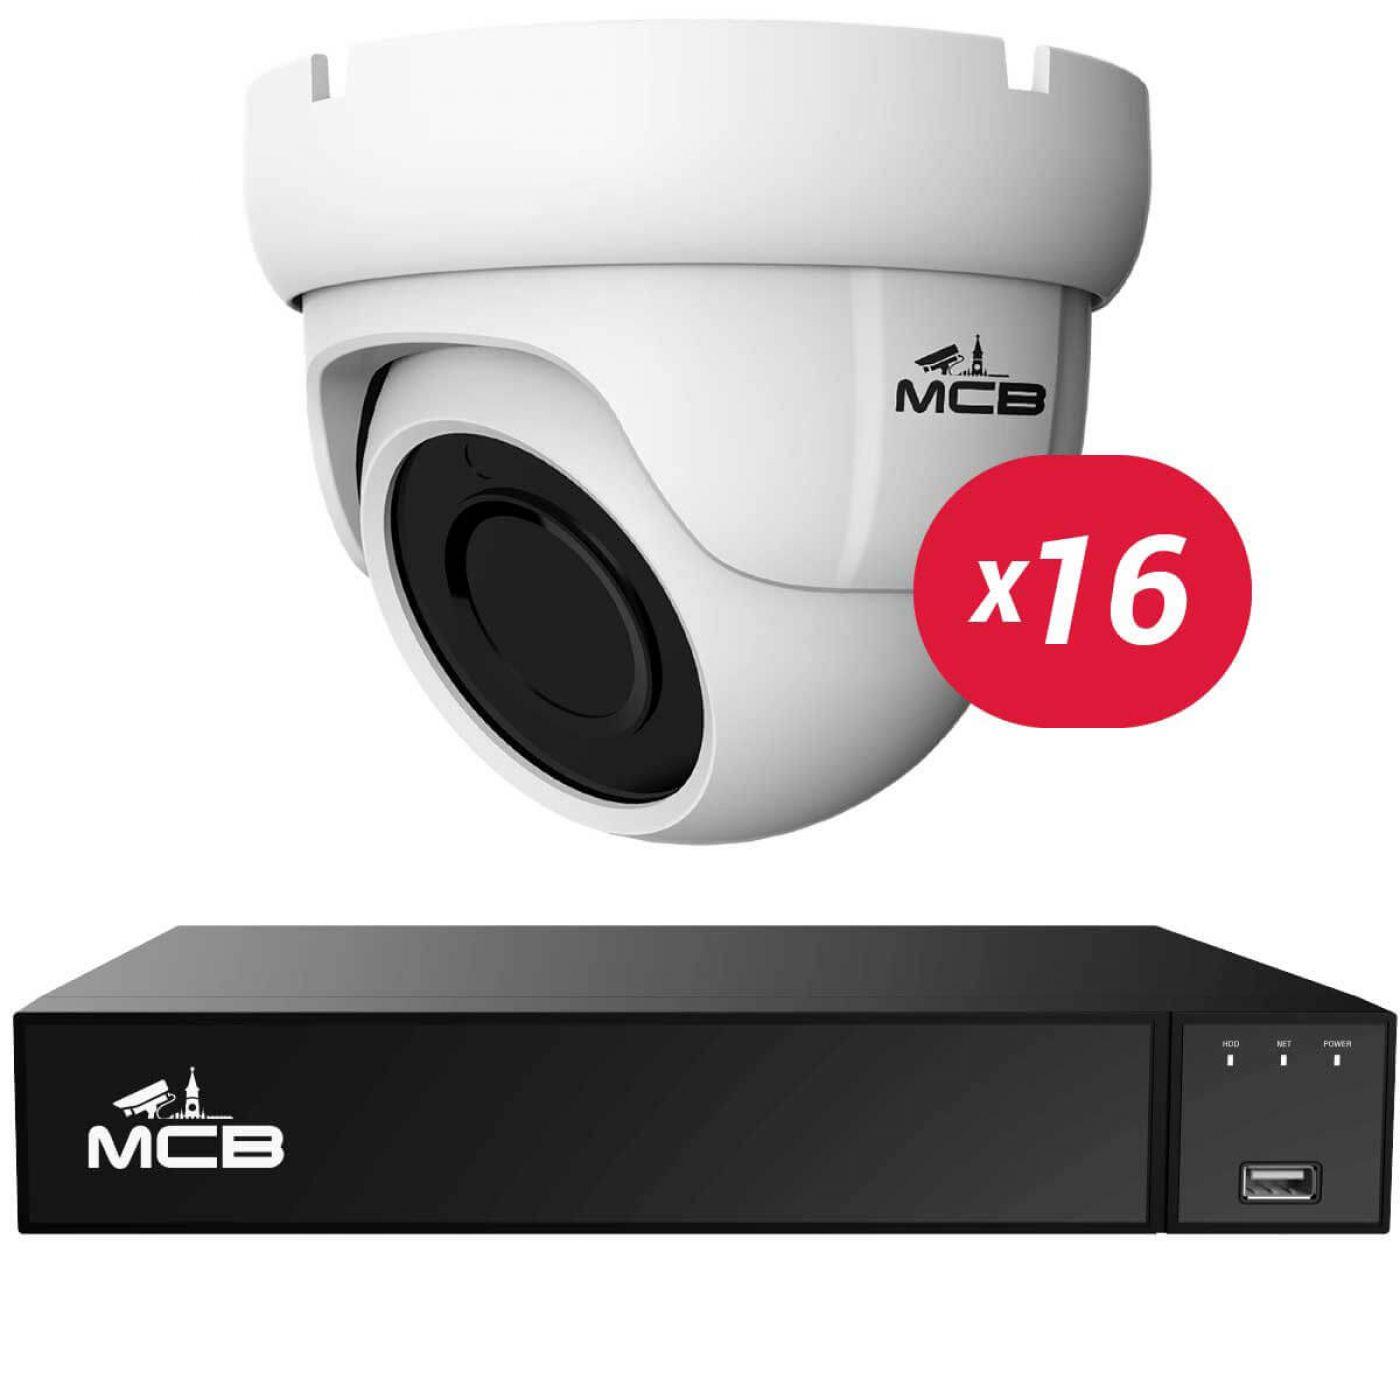 Готовый IP комплект видеонаблюдения на 16 Full HD камер со звуком